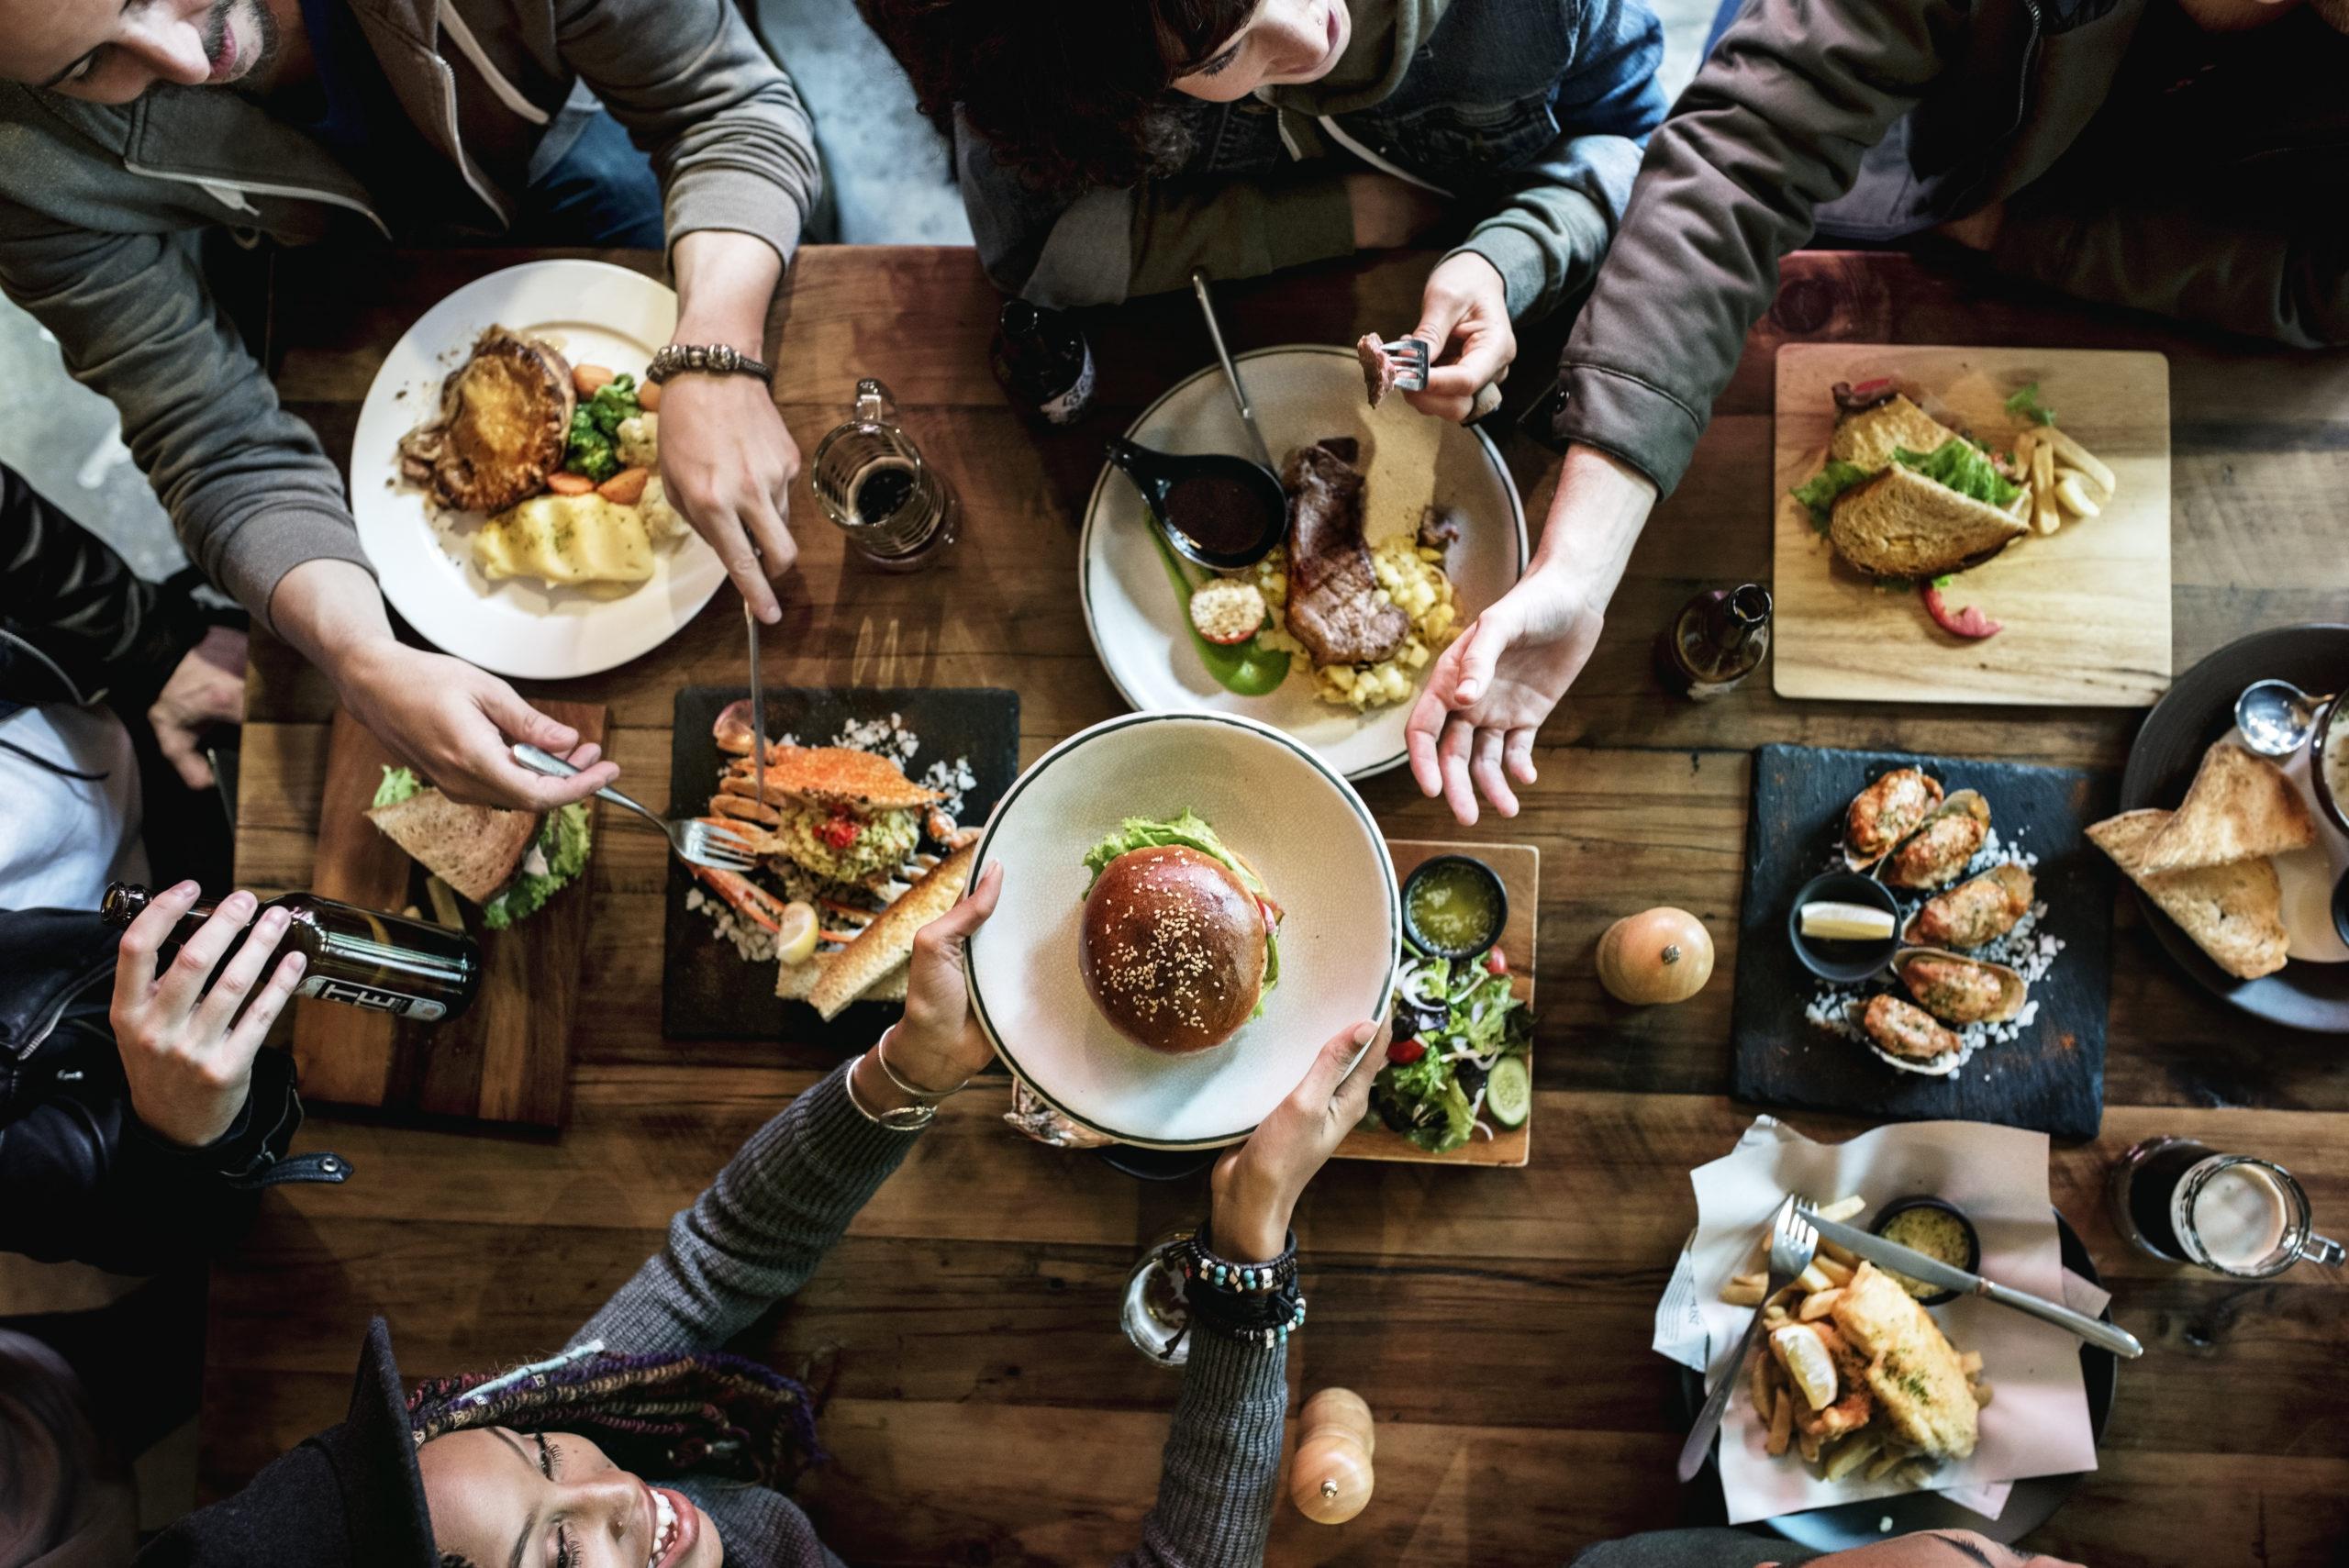 外食で減塩する方法と長続きさせるコツ